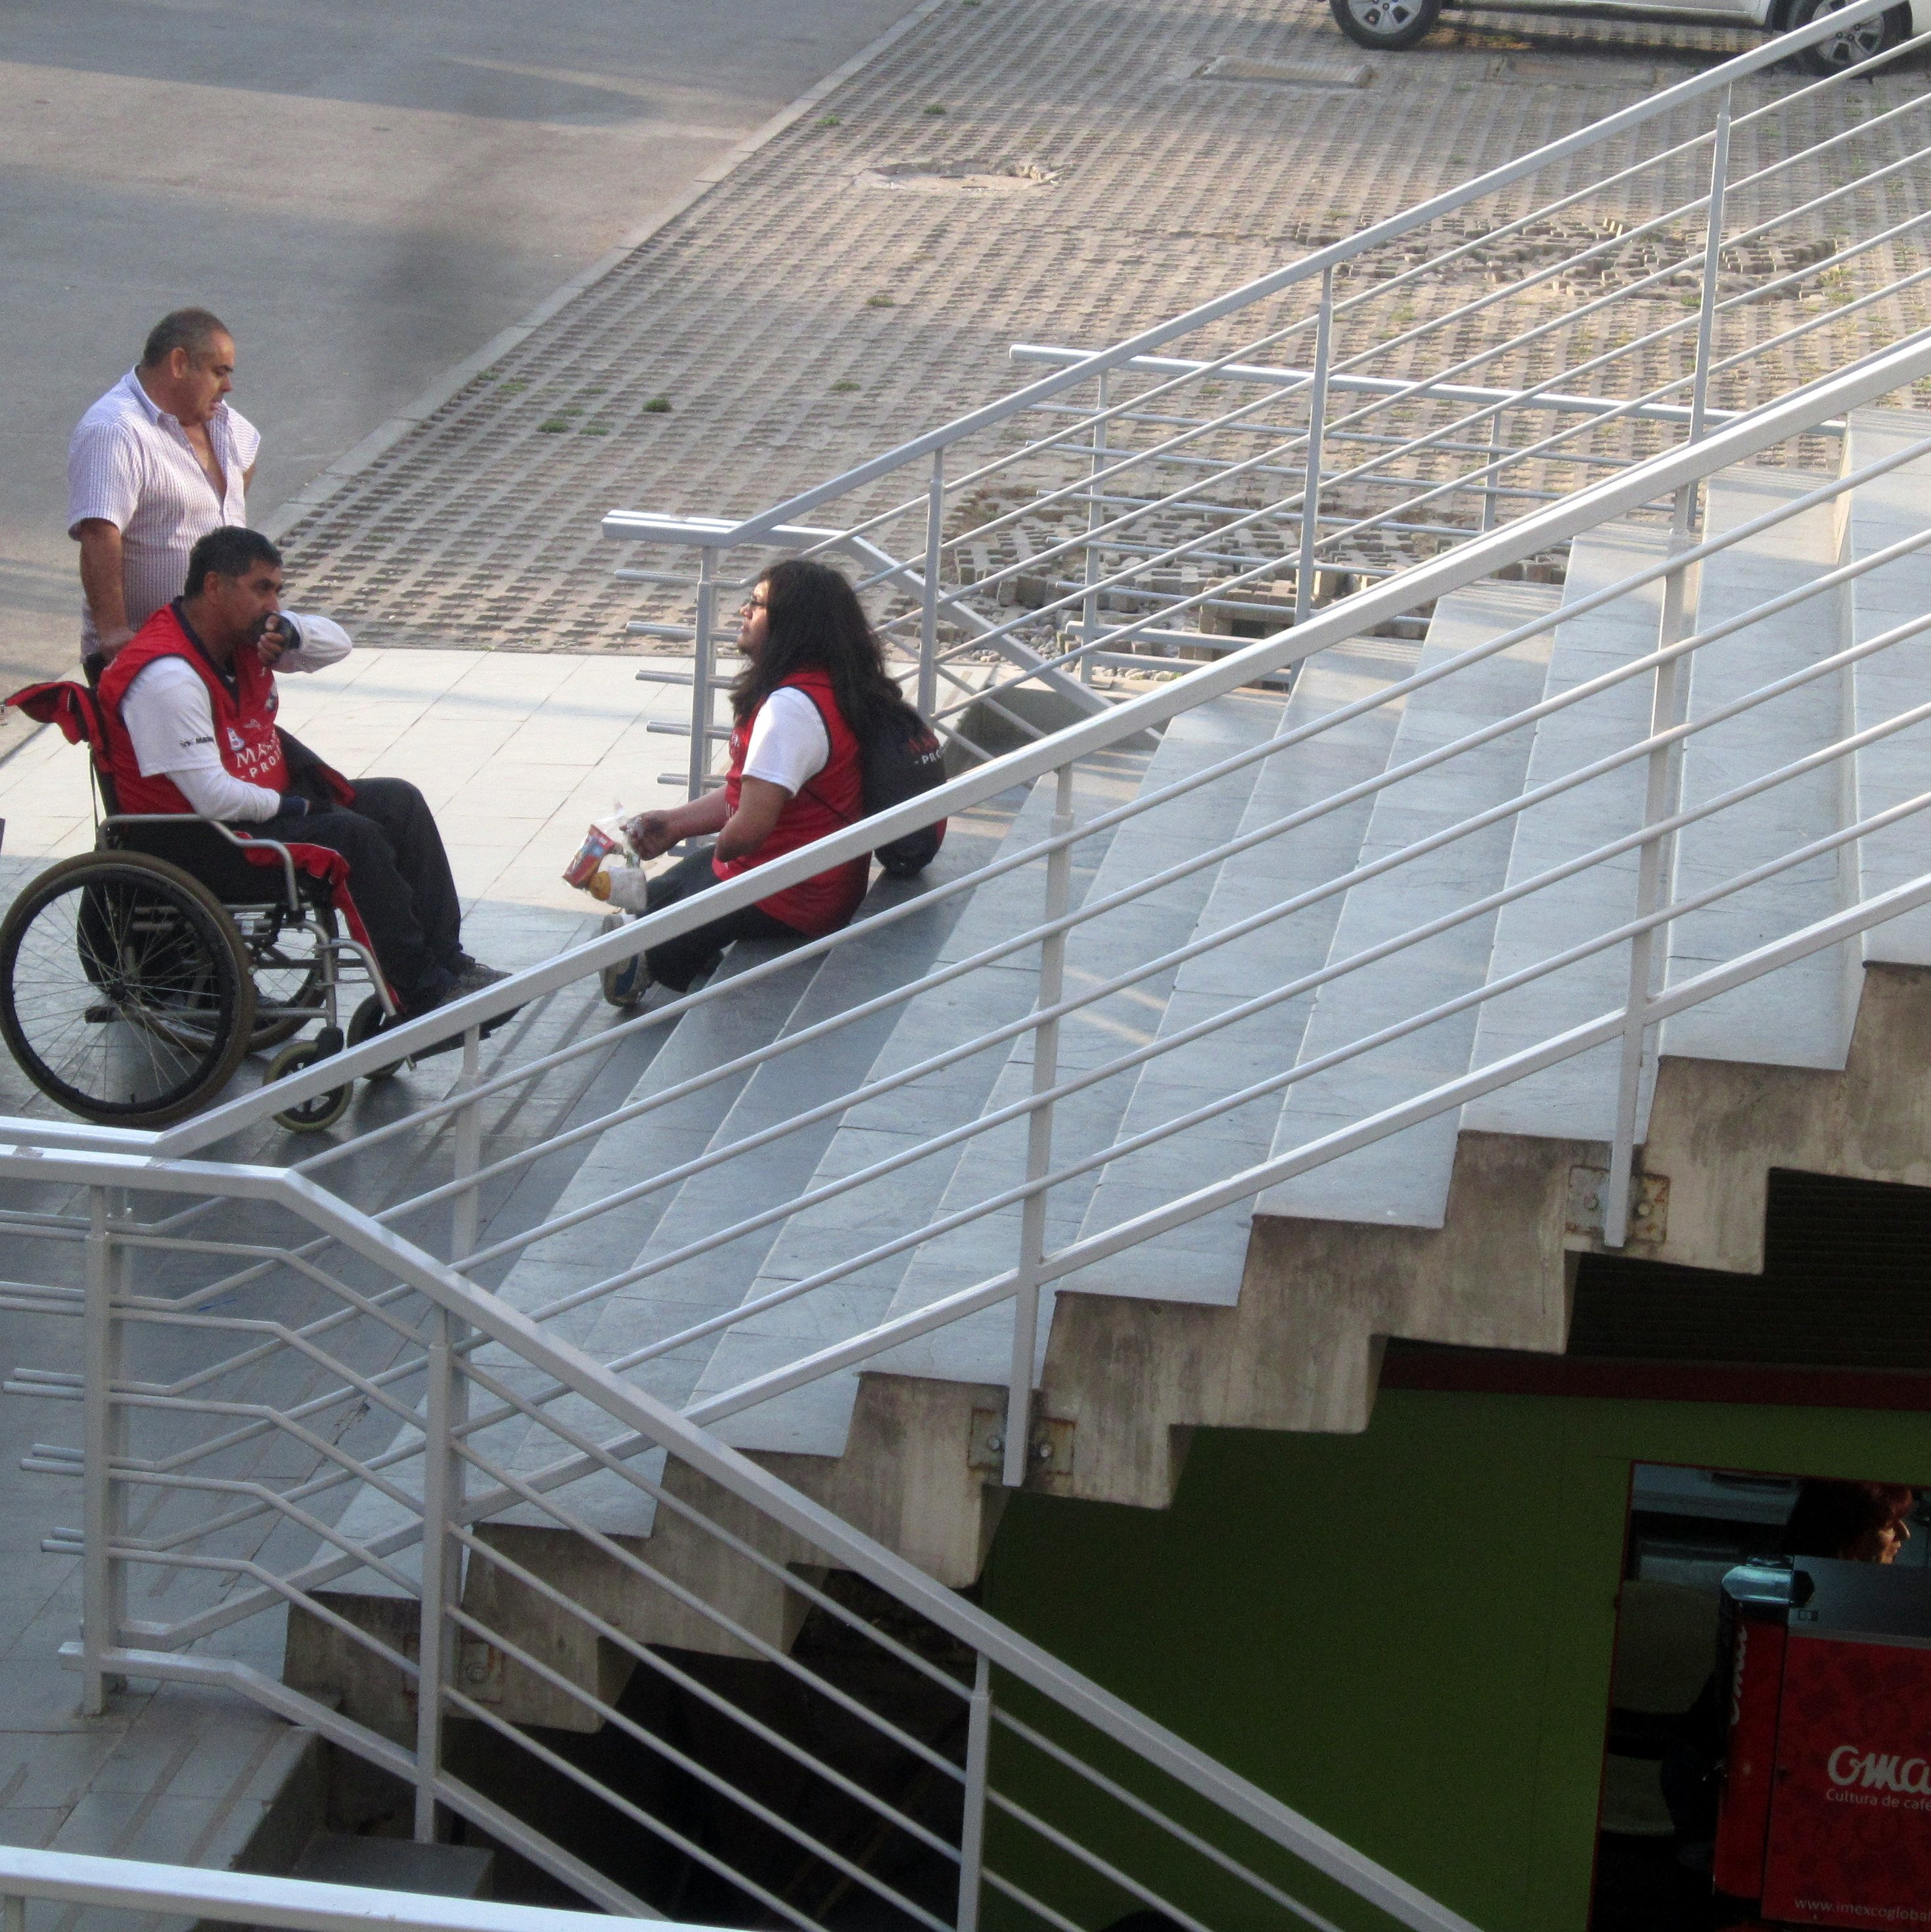 tres personas una en silla de ruedas esperan en el inicio de una escalera